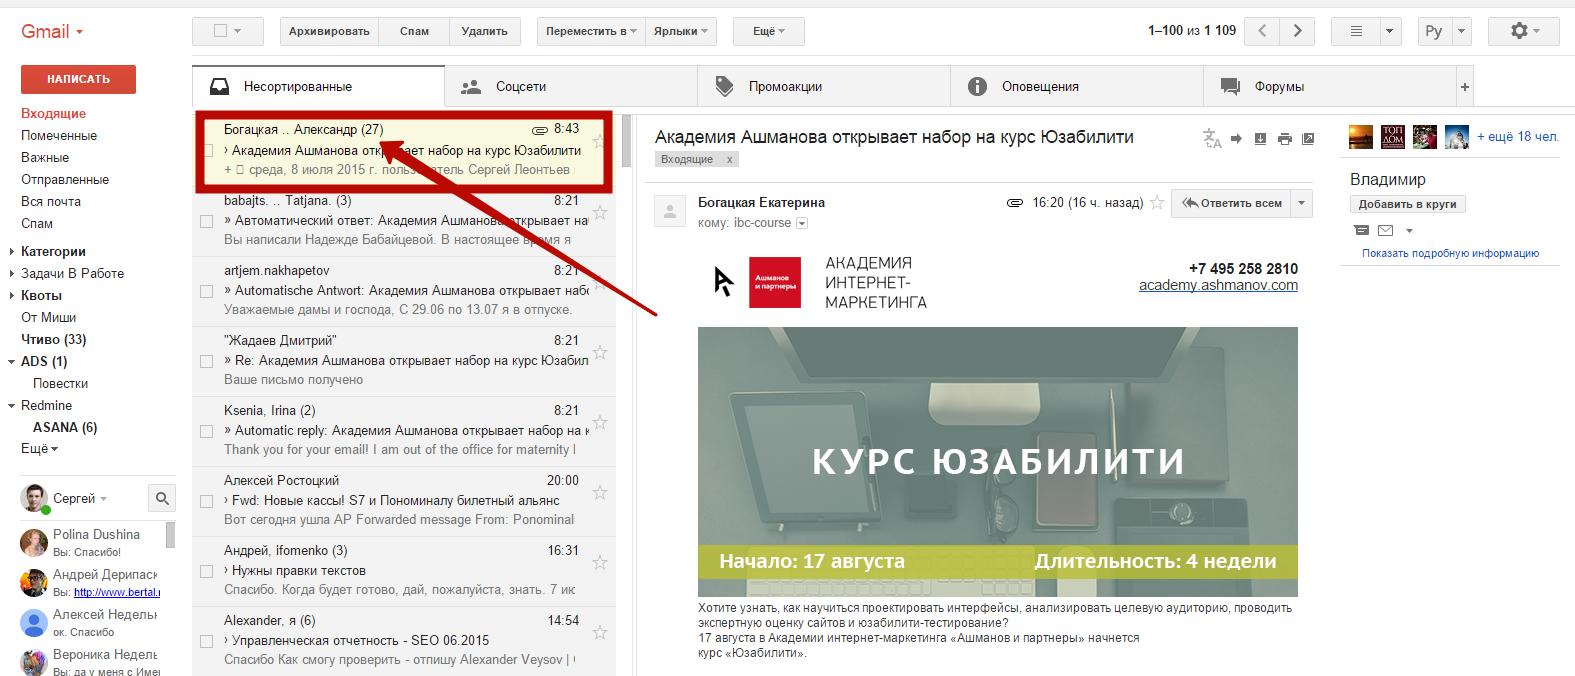 Сотрудники «Ашманов и партнеры» не умеют пользоваться «скрытой копией» в рассылках? - 2